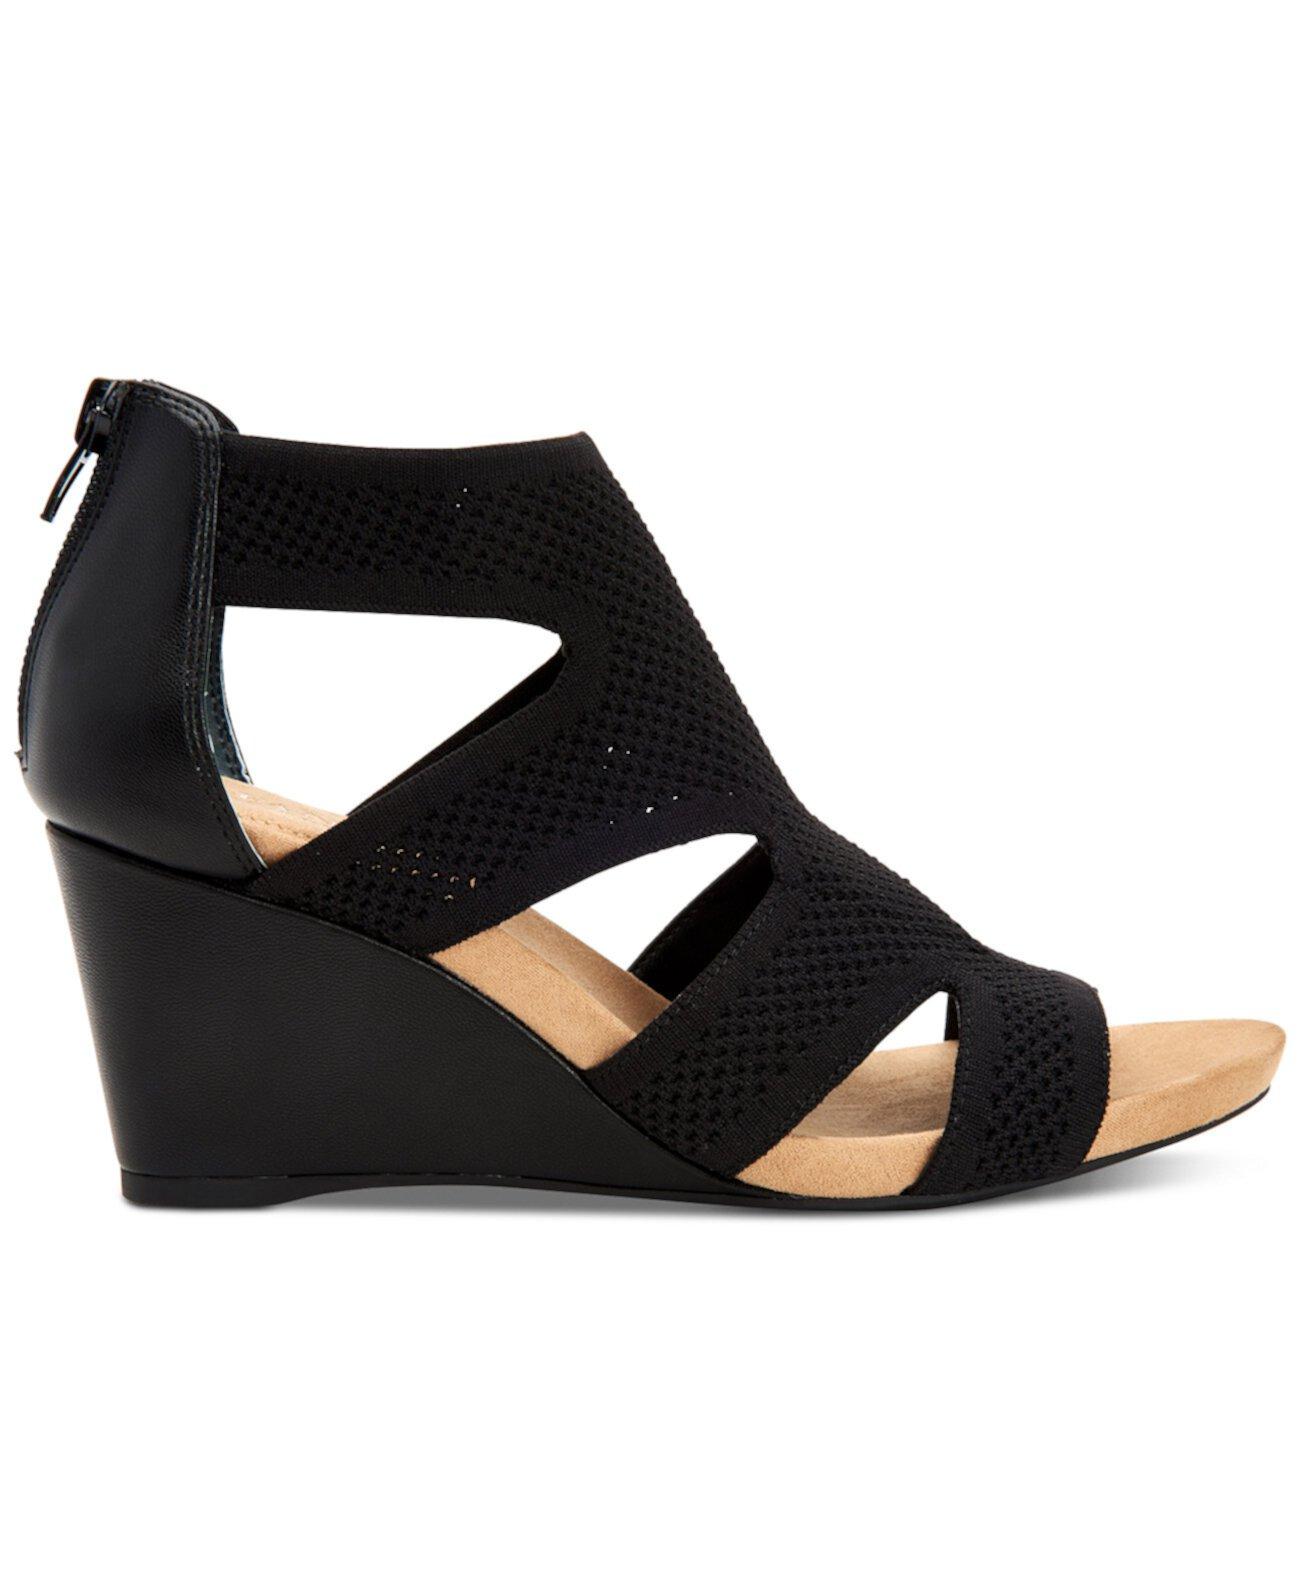 Женские сандалии на танкетке Step 'N Flex Pennii, созданные для Macy's Alfani